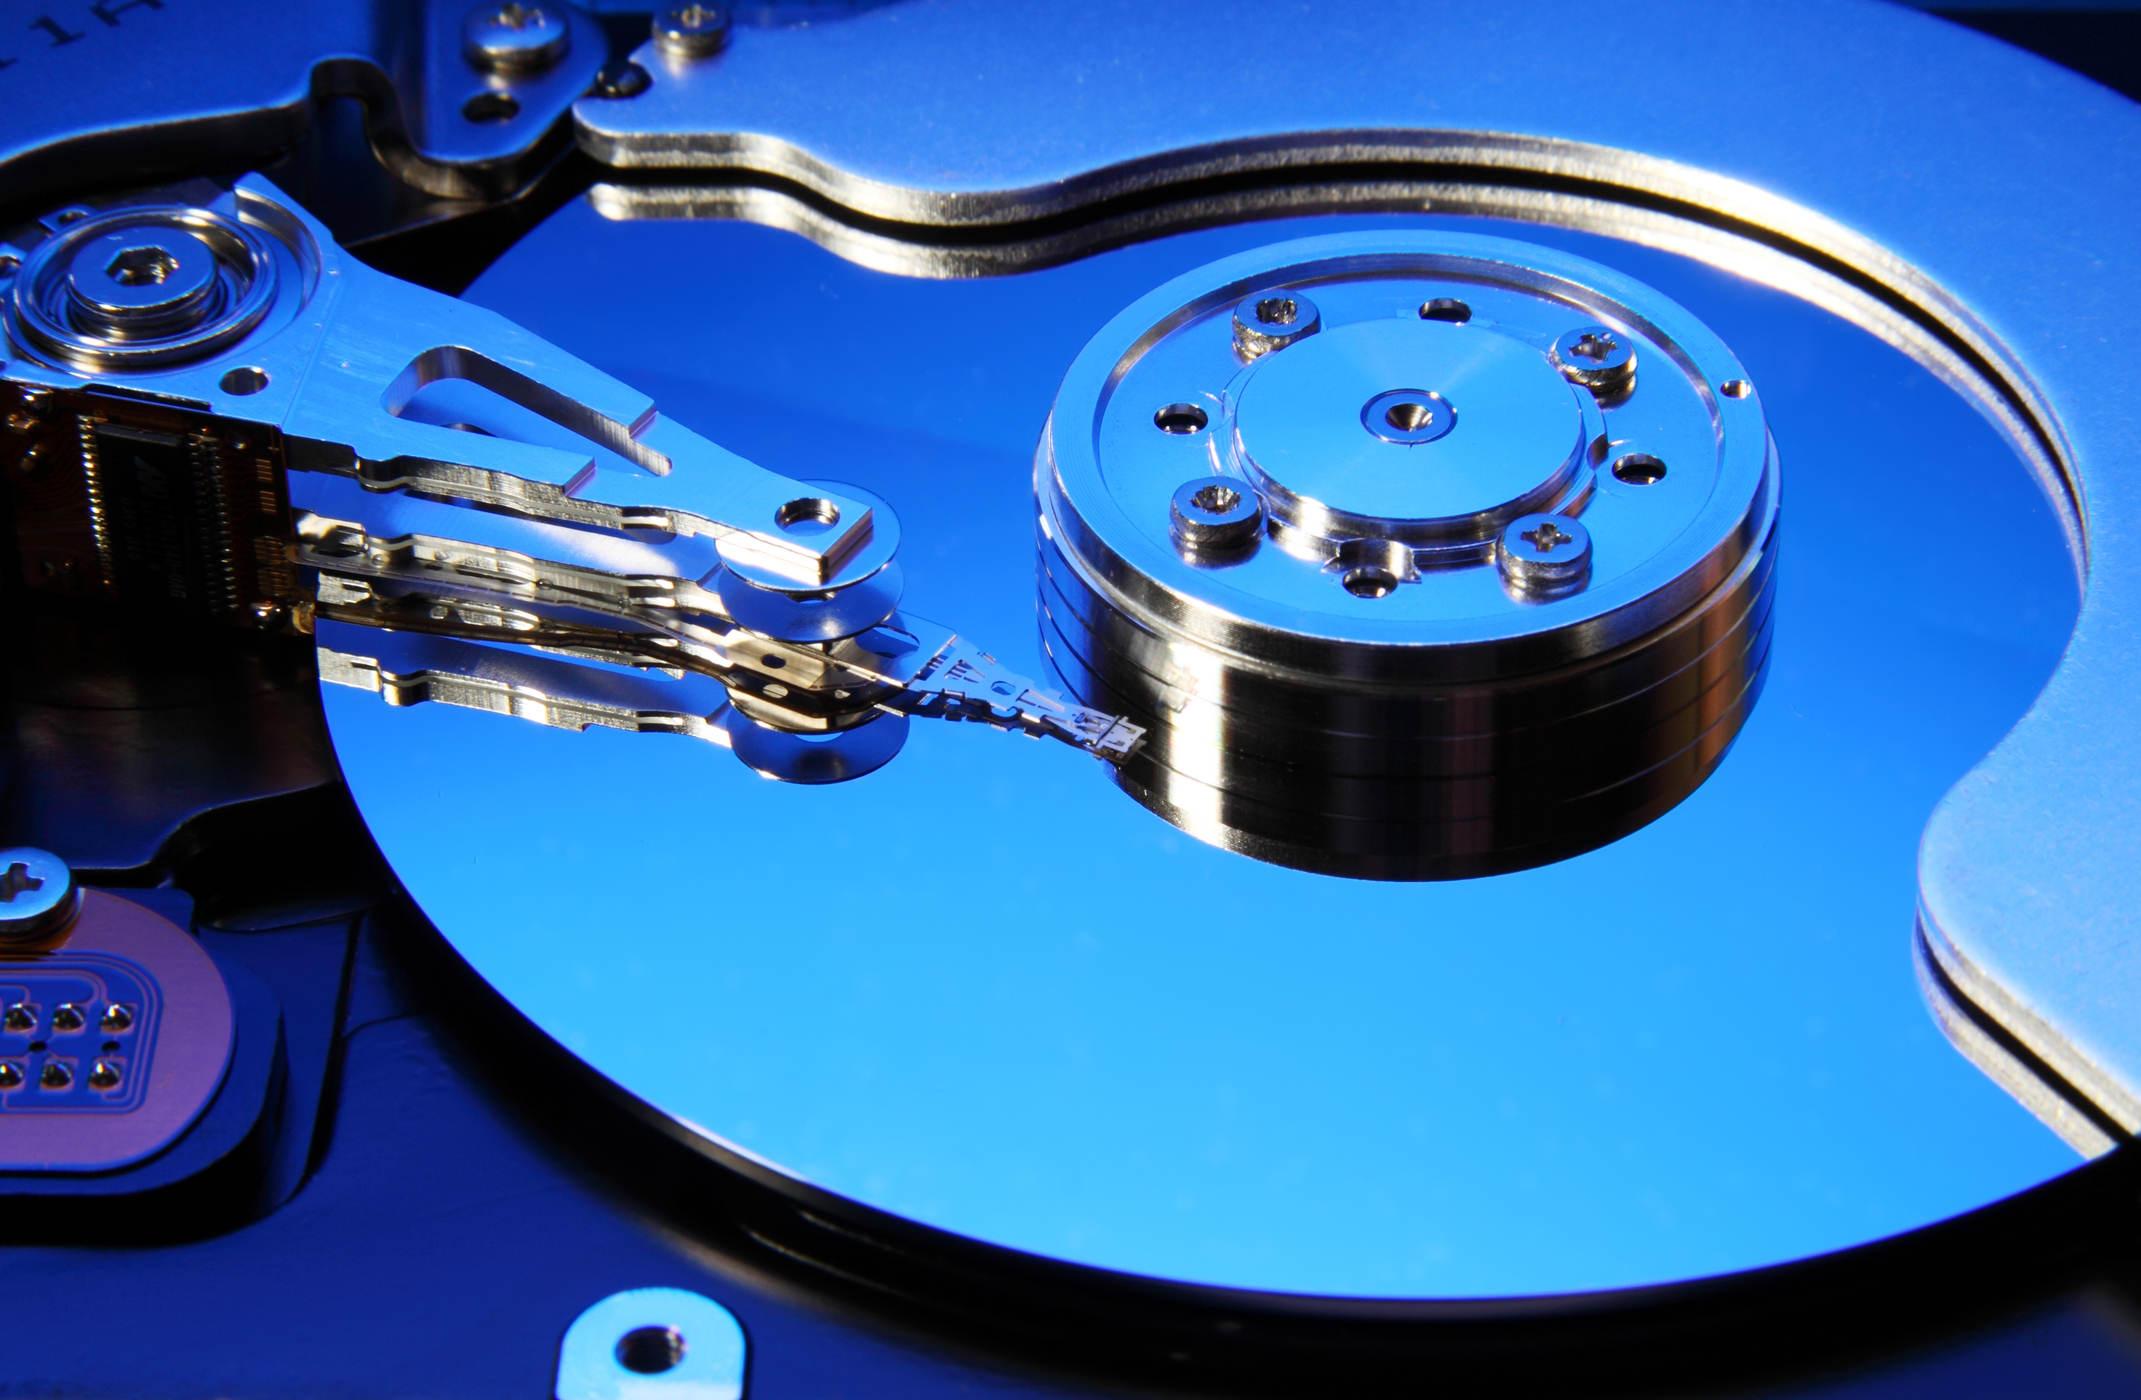 Cómo se desfragmenta el disco duro y para qué sirve